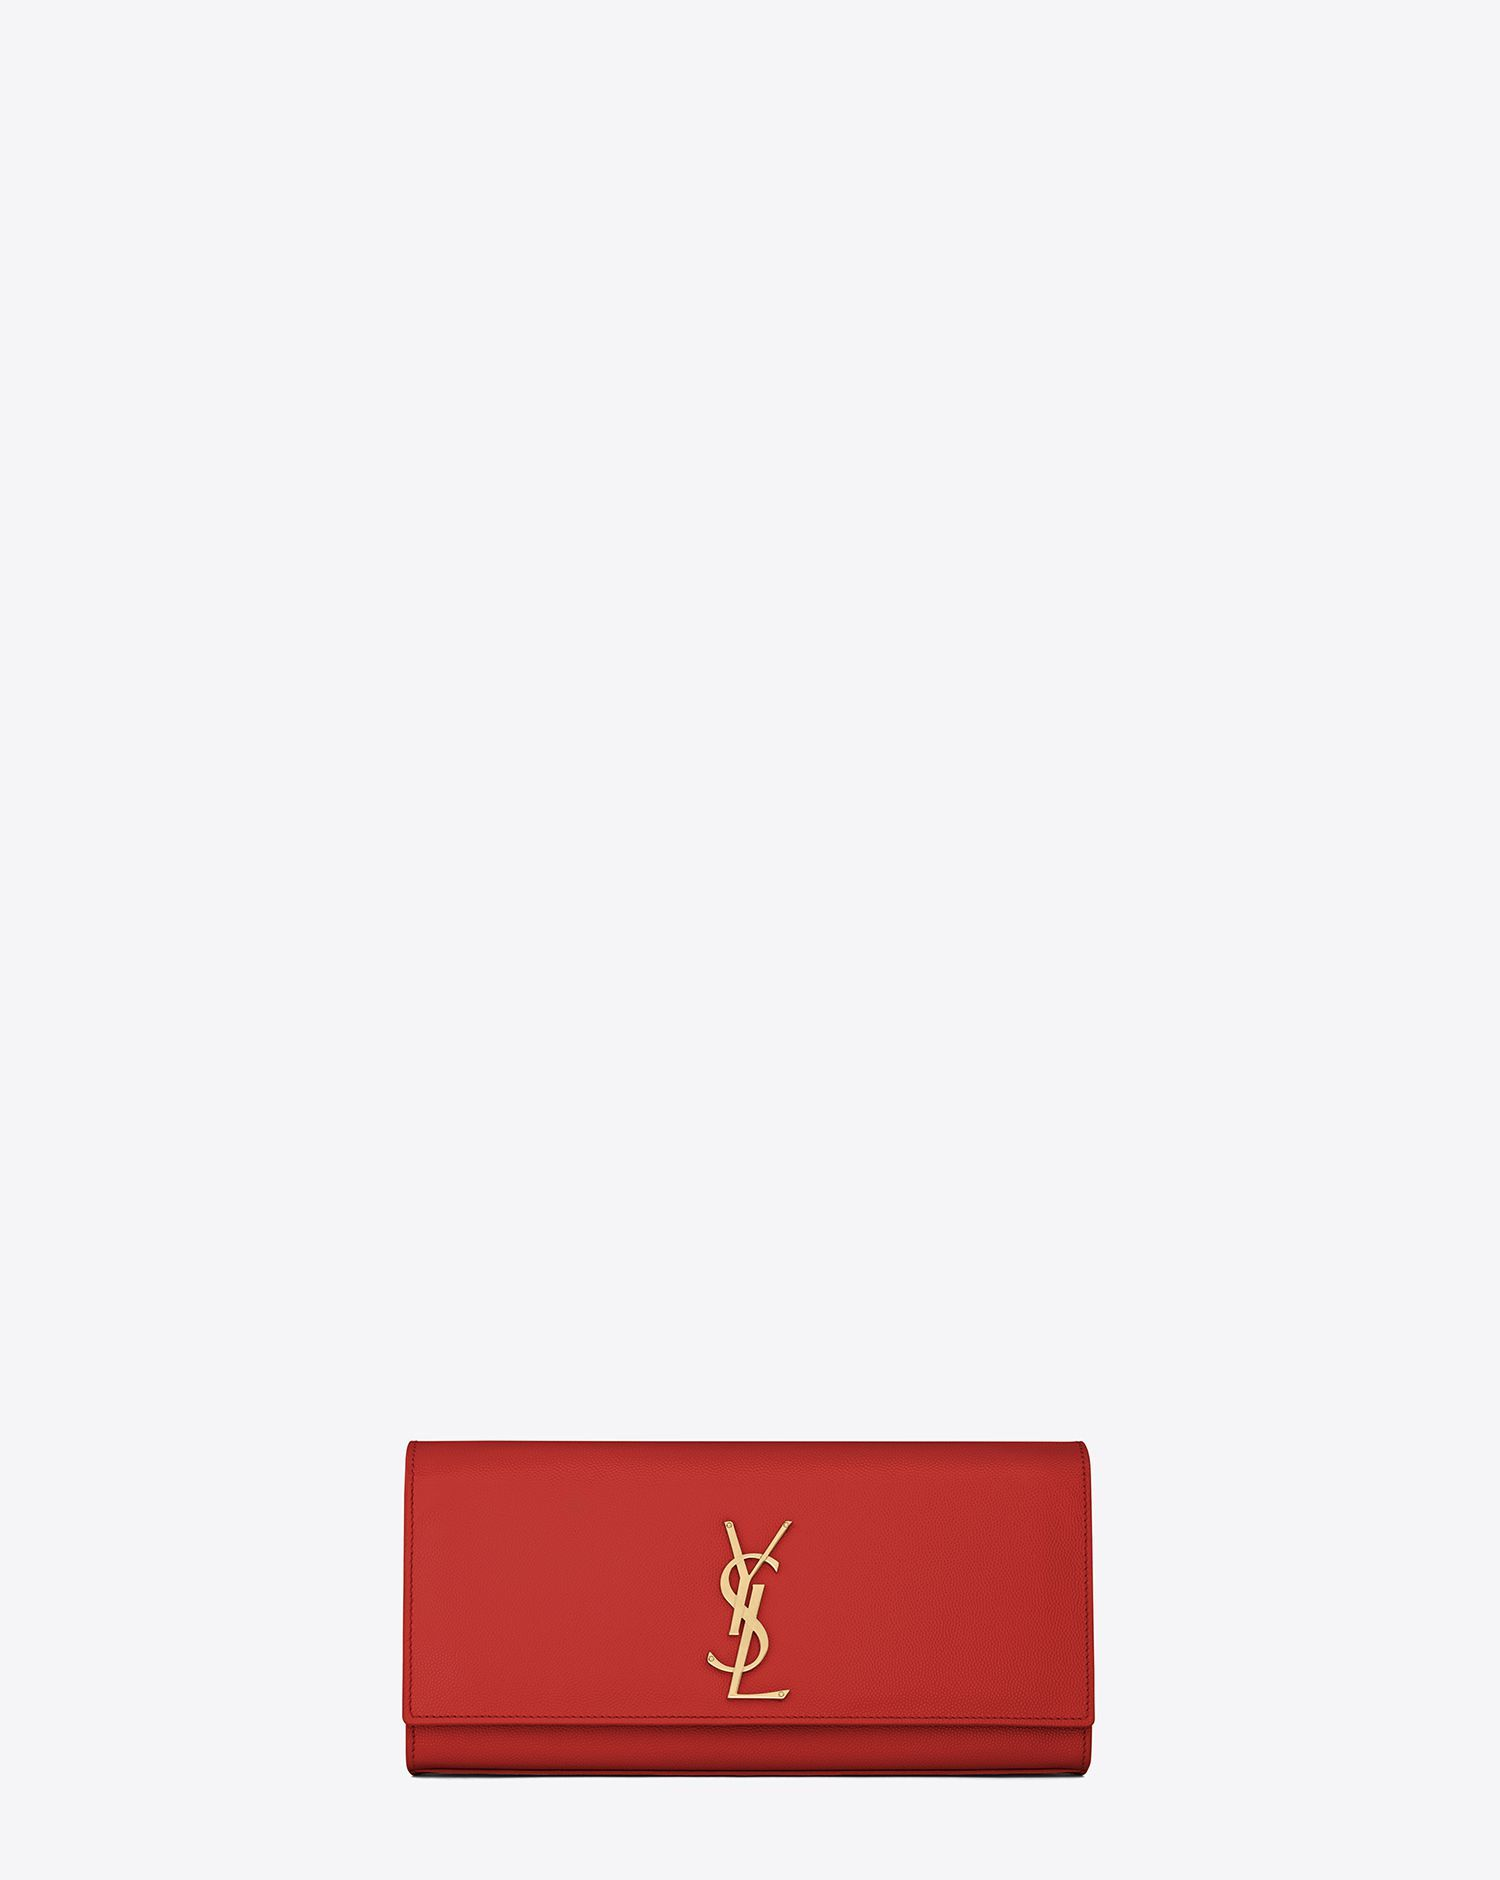 Saint Laurent Classic Monogramme Saint Laurent Clutch In Lipstick Red Grain De Poudre Textured Leather - ysl.com